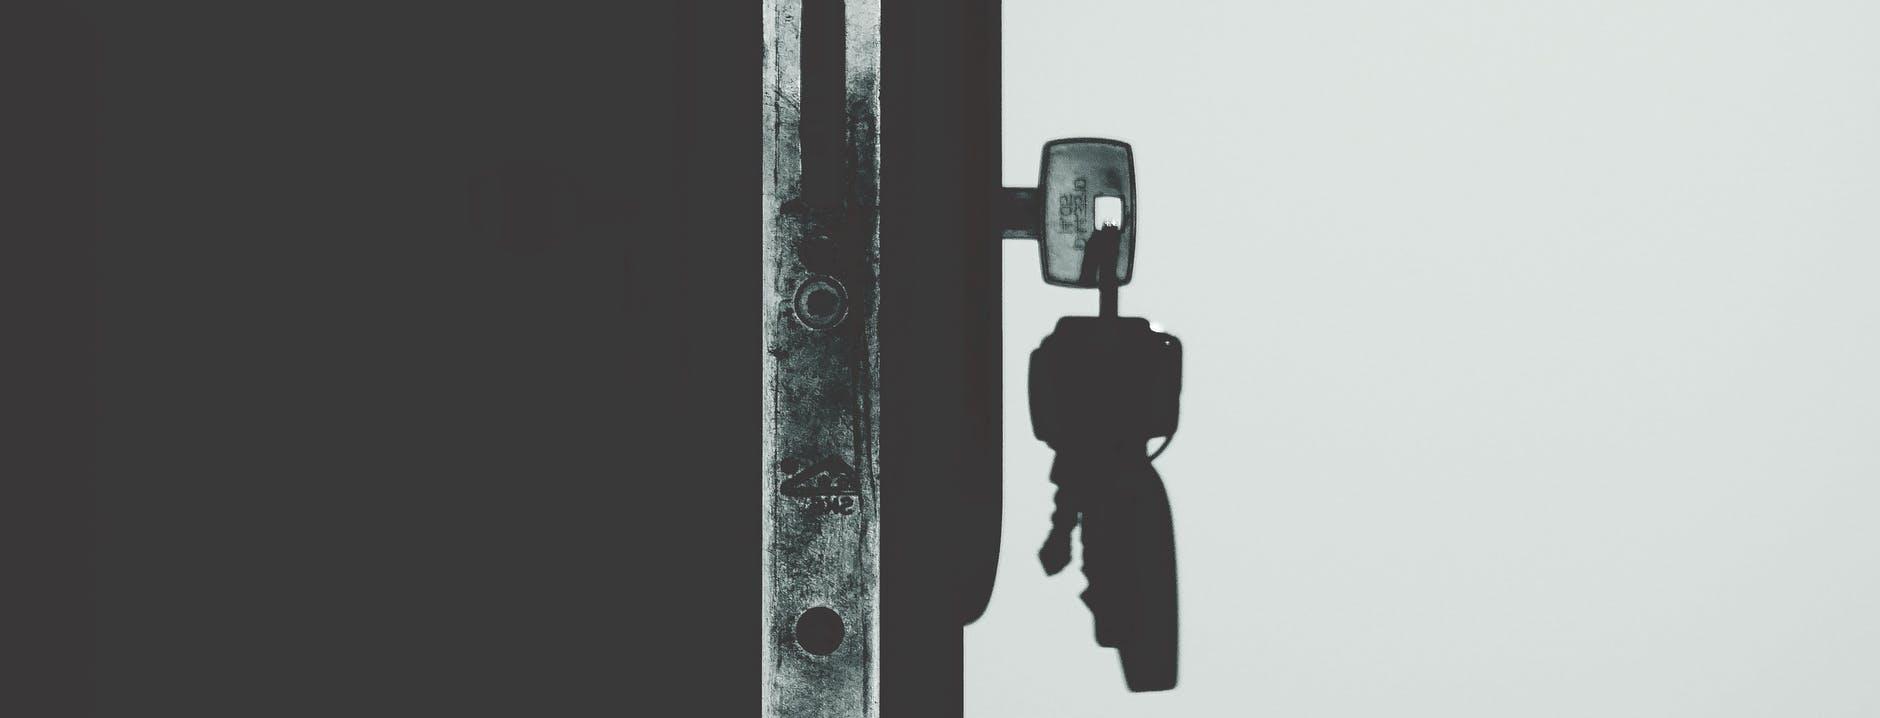 Die richtige Absicherung für die Haustür